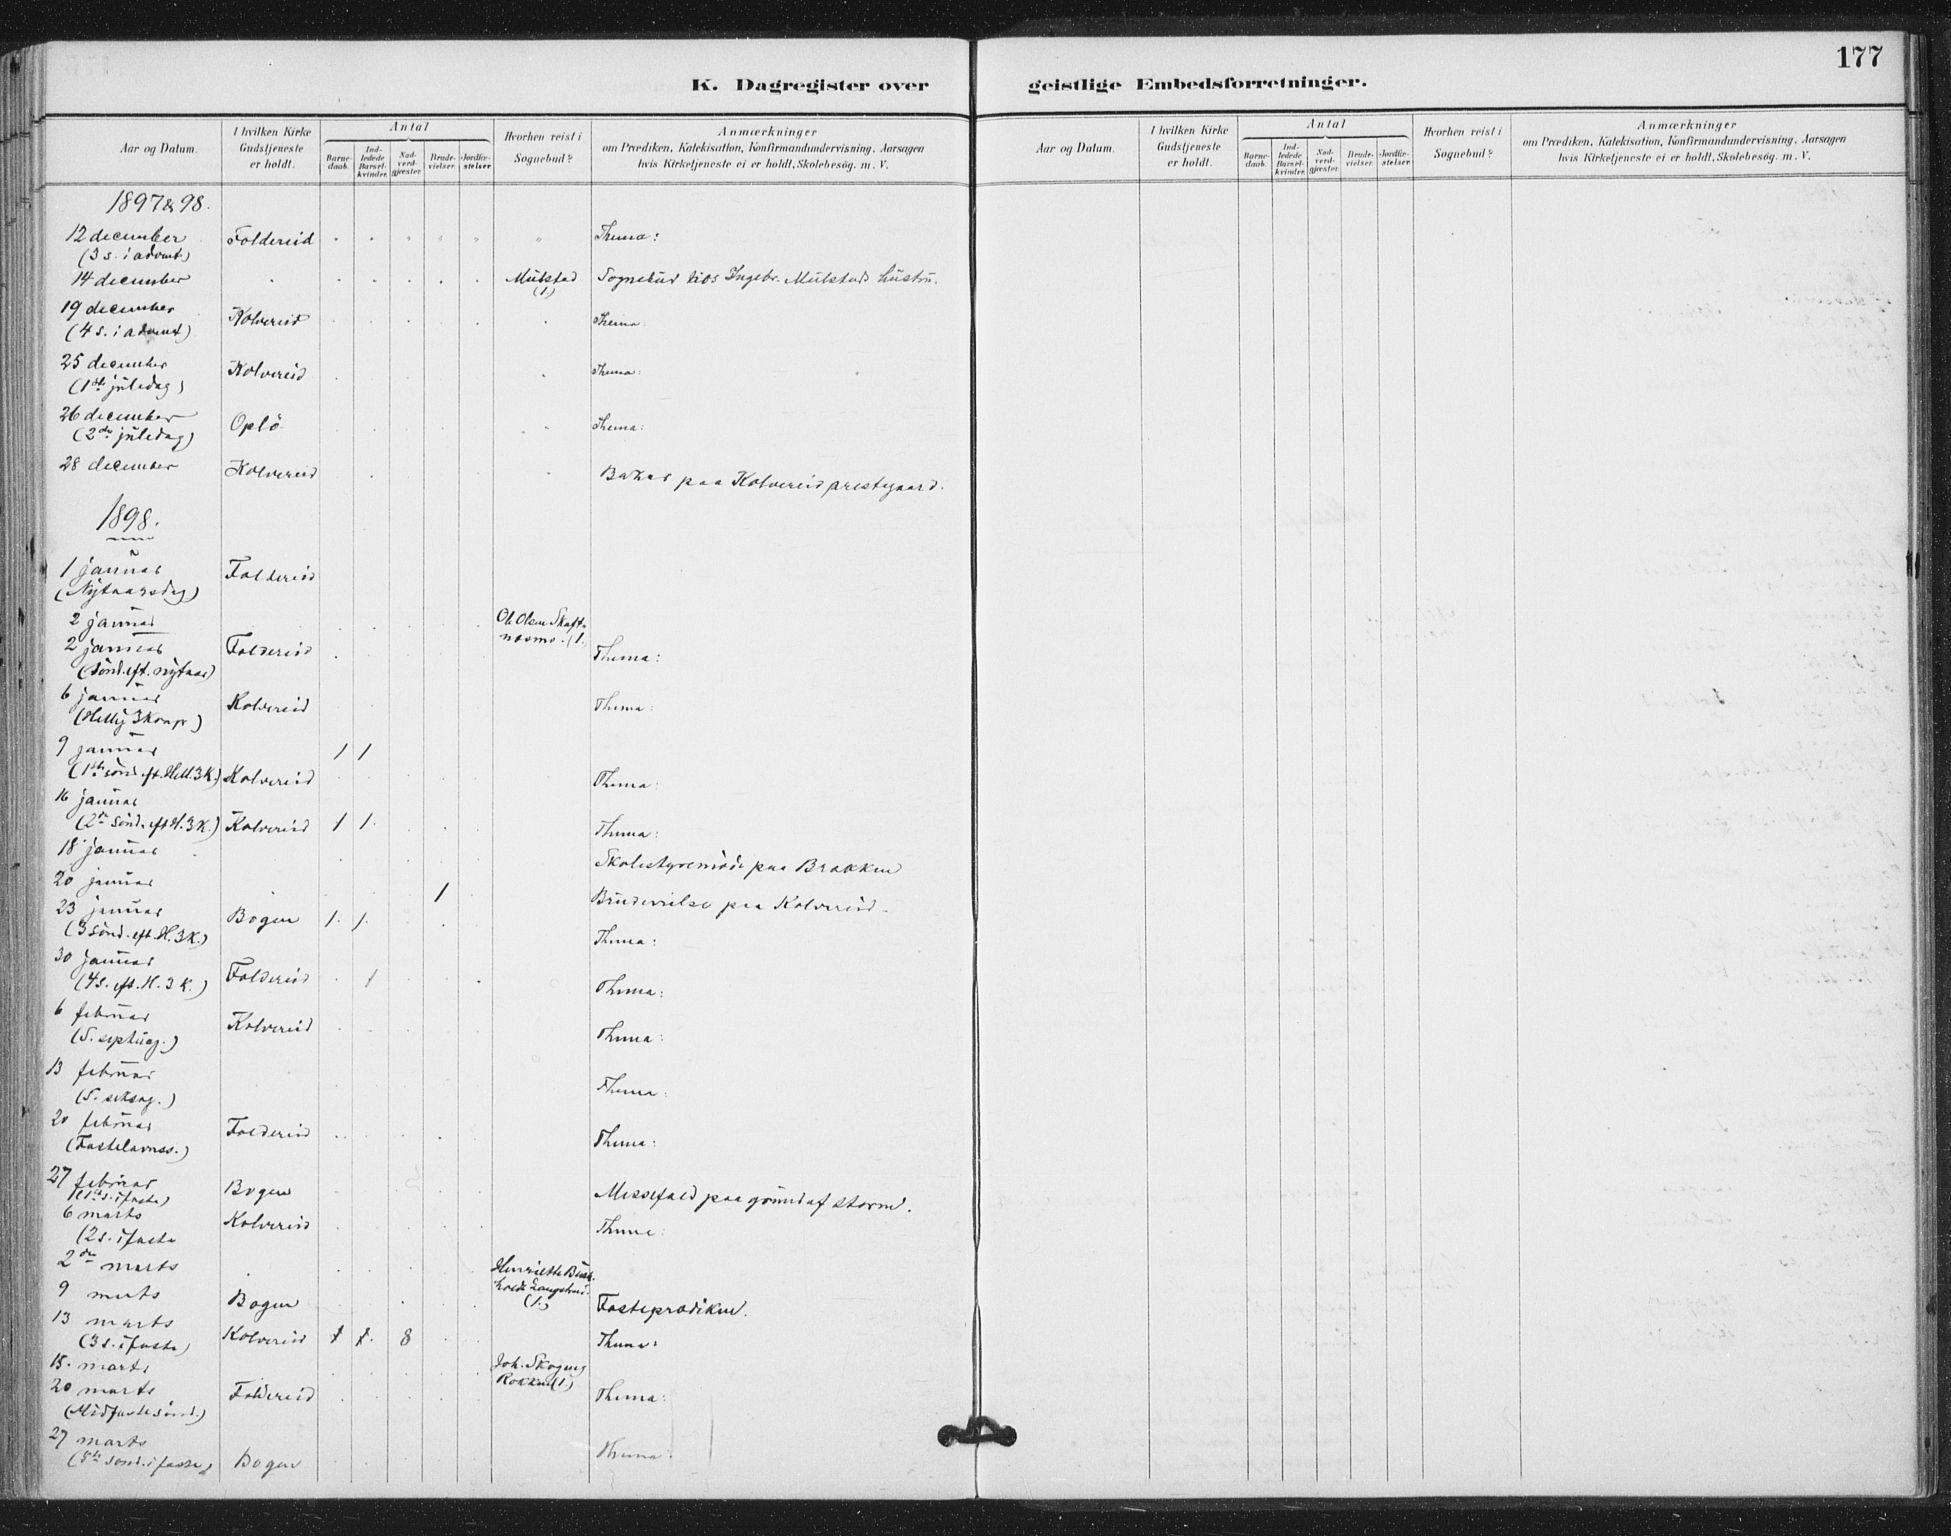 SAT, Ministerialprotokoller, klokkerbøker og fødselsregistre - Nord-Trøndelag, 783/L0660: Ministerialbok nr. 783A02, 1886-1918, s. 177